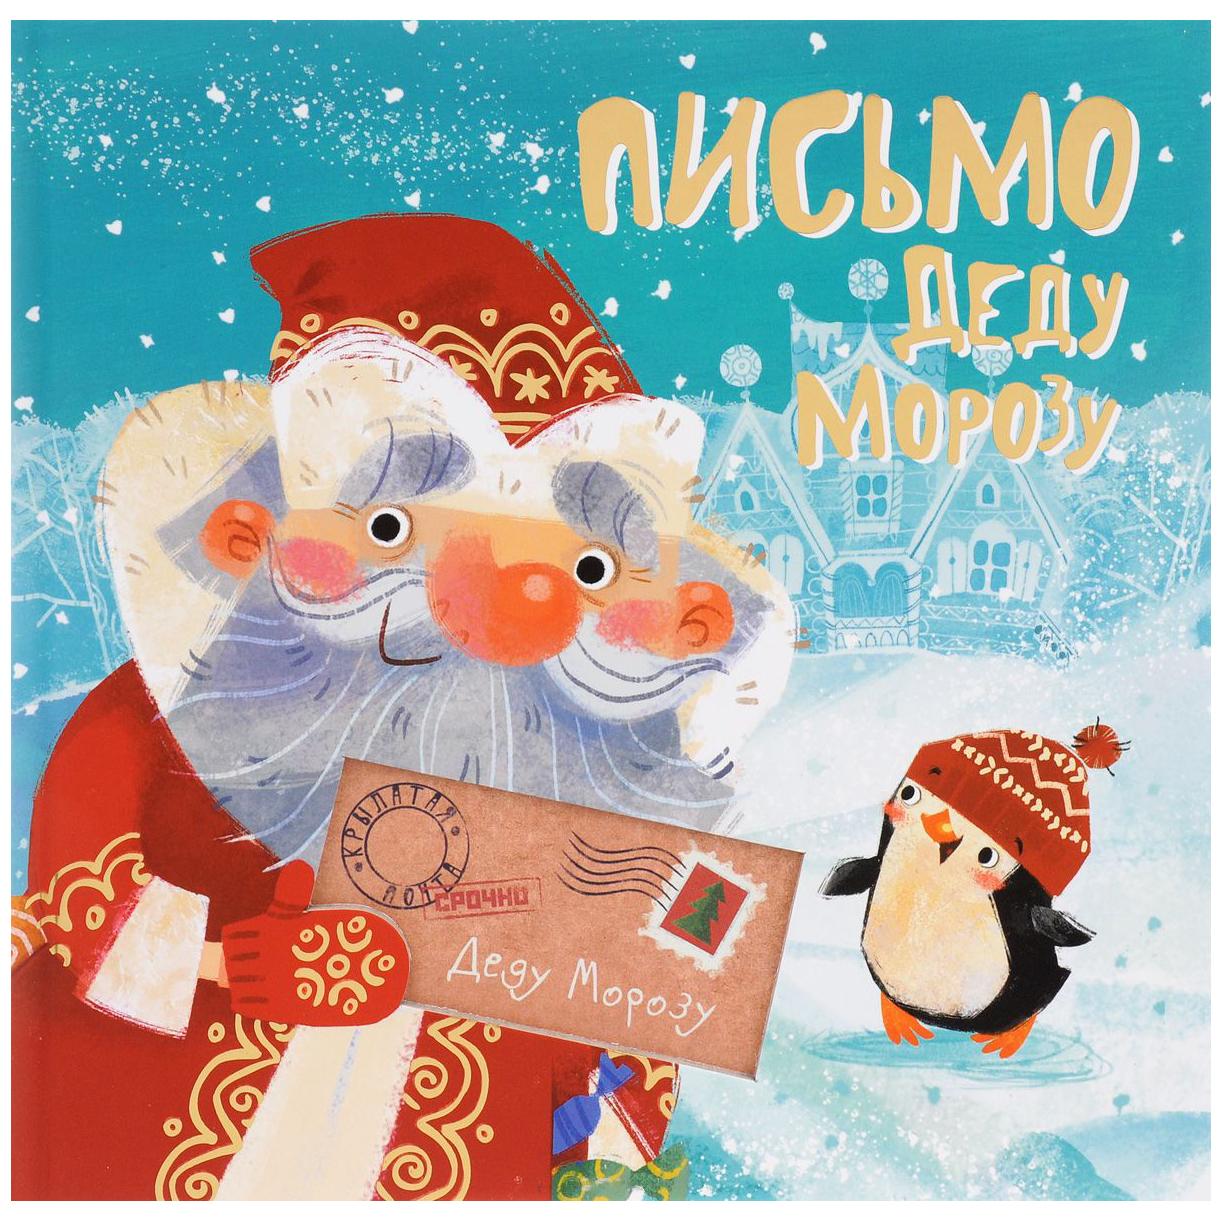 Книга - Письмо Деду МорозуНовый Год<br>Книга - Письмо Деду Морозу<br>